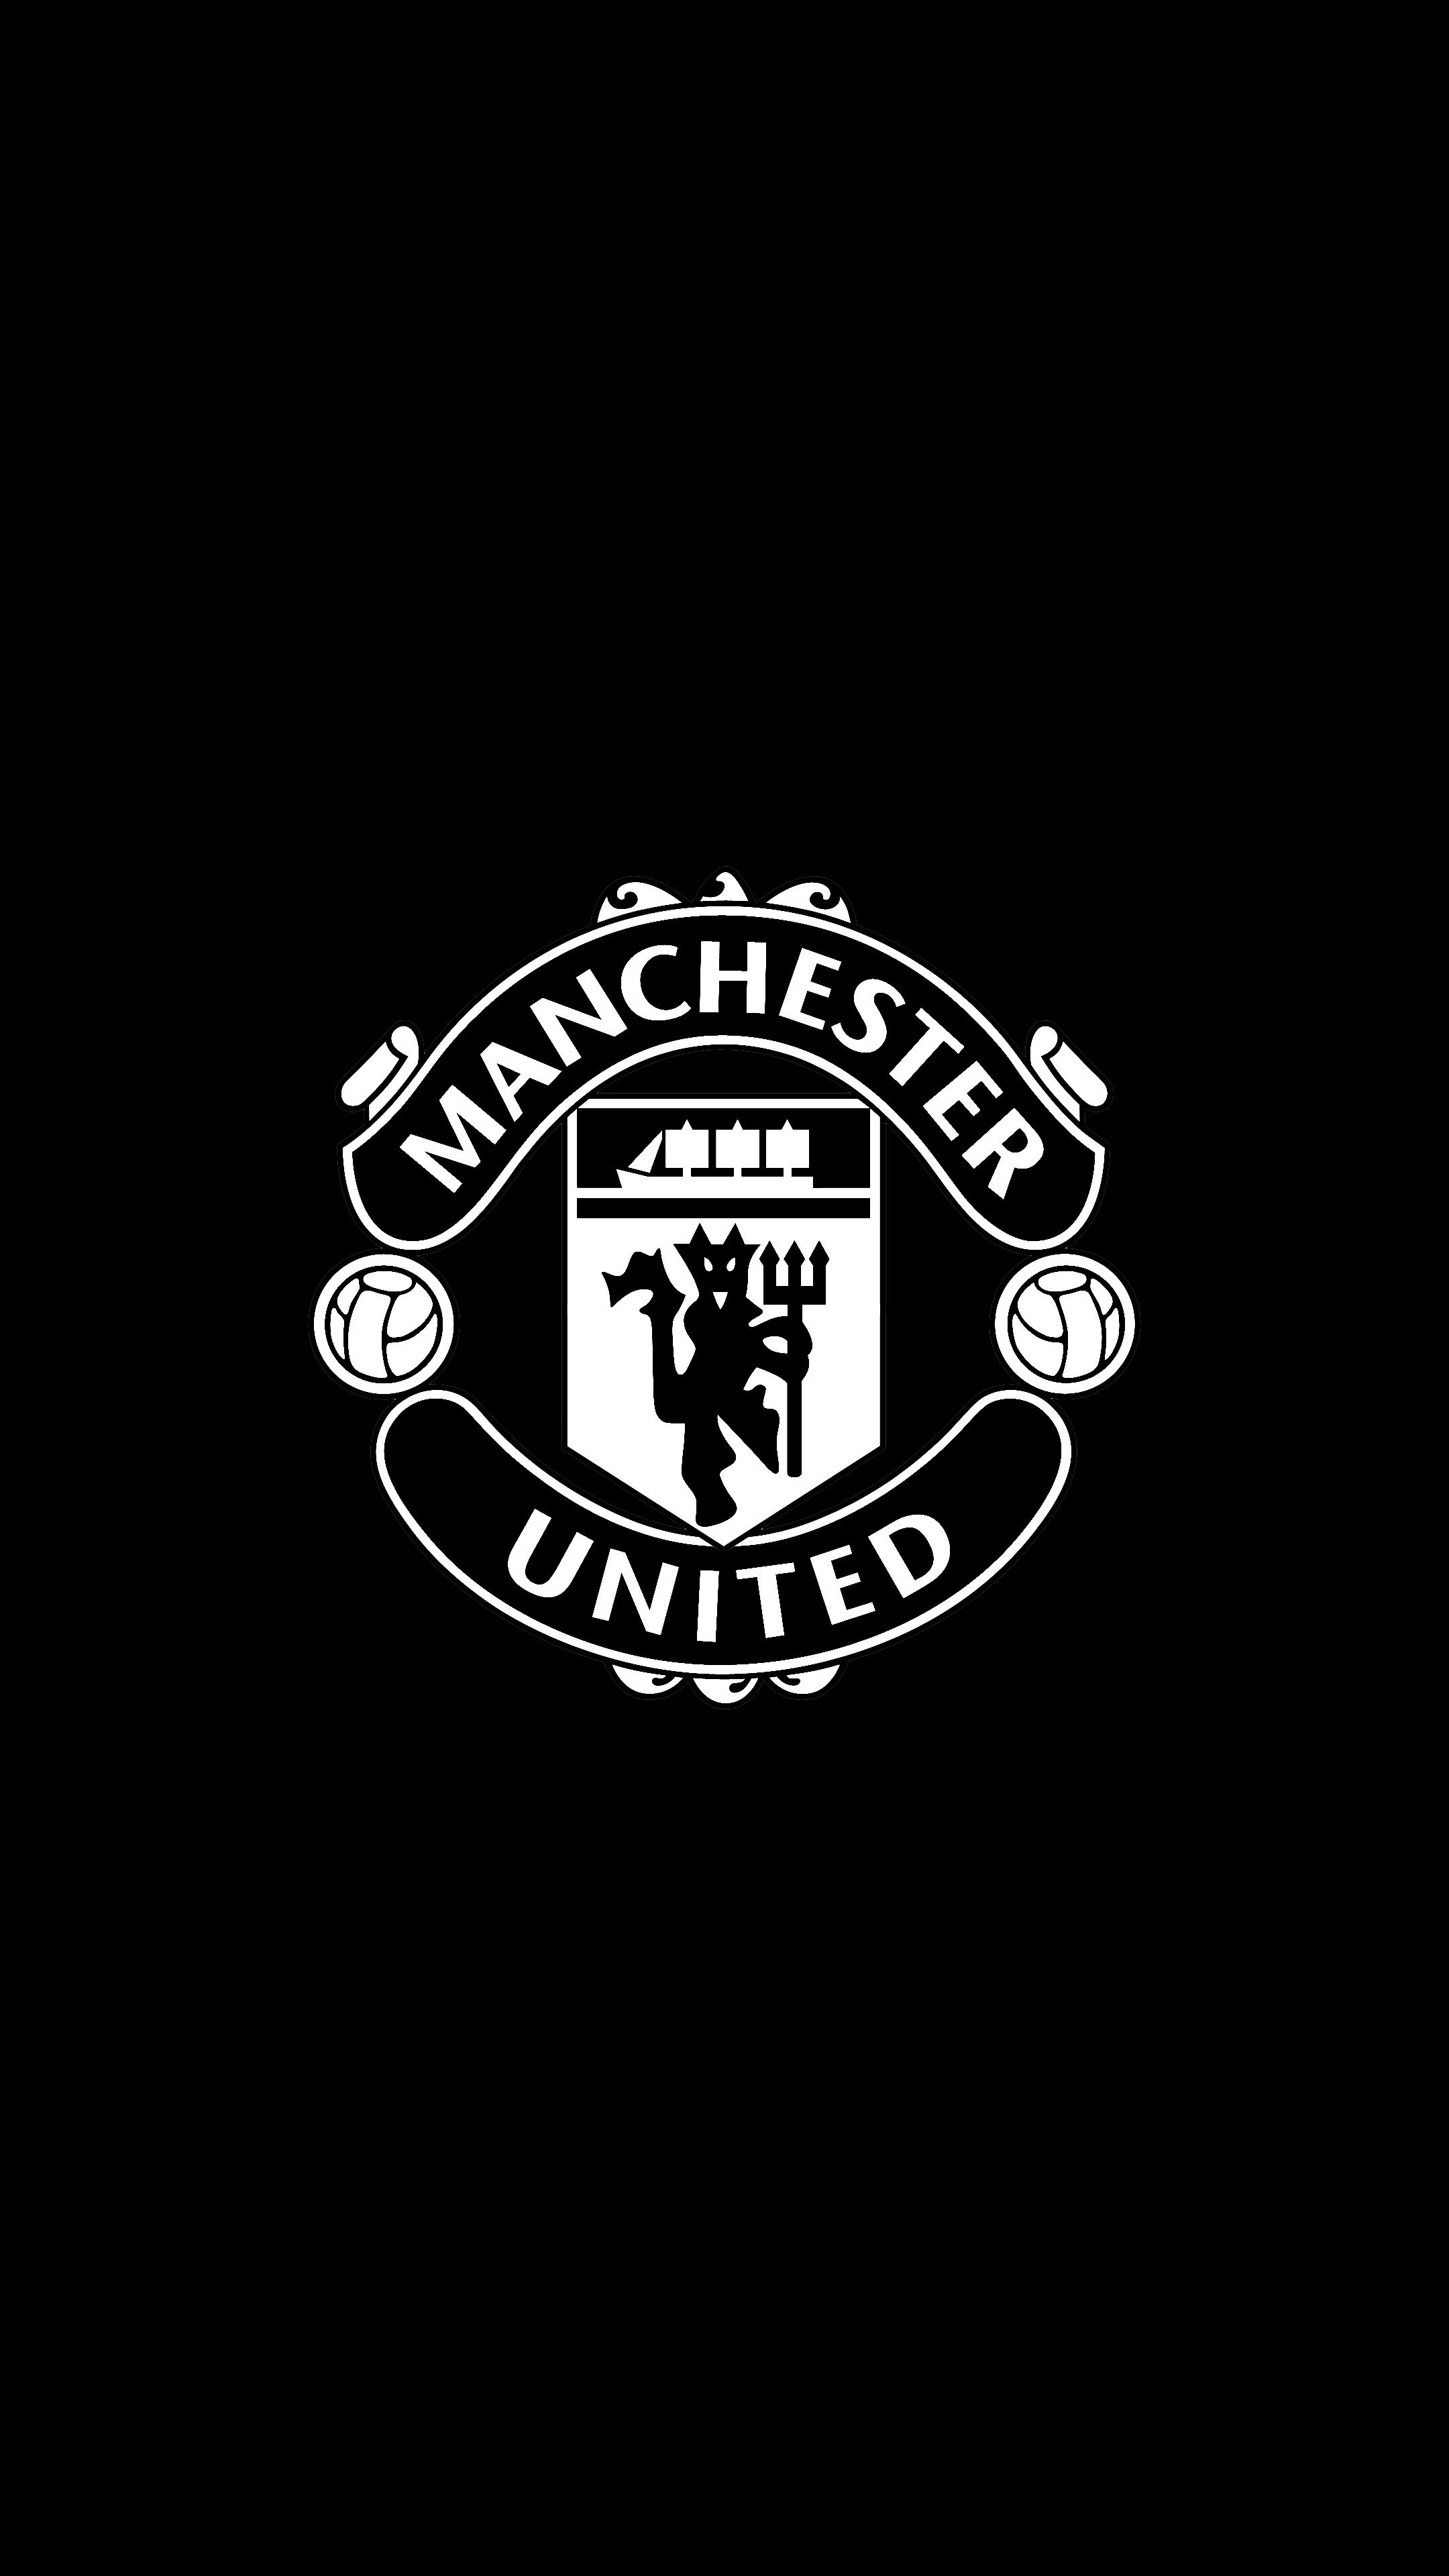 Manchester United B W 2160p 4k Oled Wallpaper Sepak Bola Olahraga Desain Logo